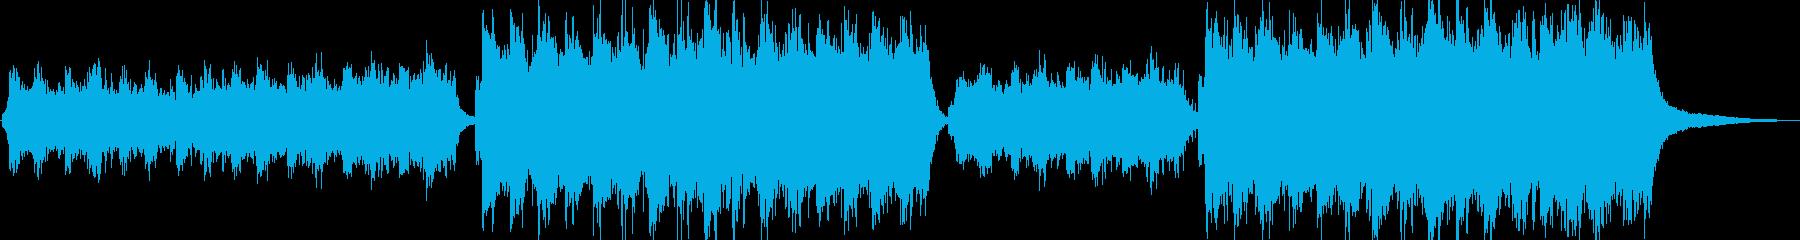 力強く知的なイメージのBGMの再生済みの波形